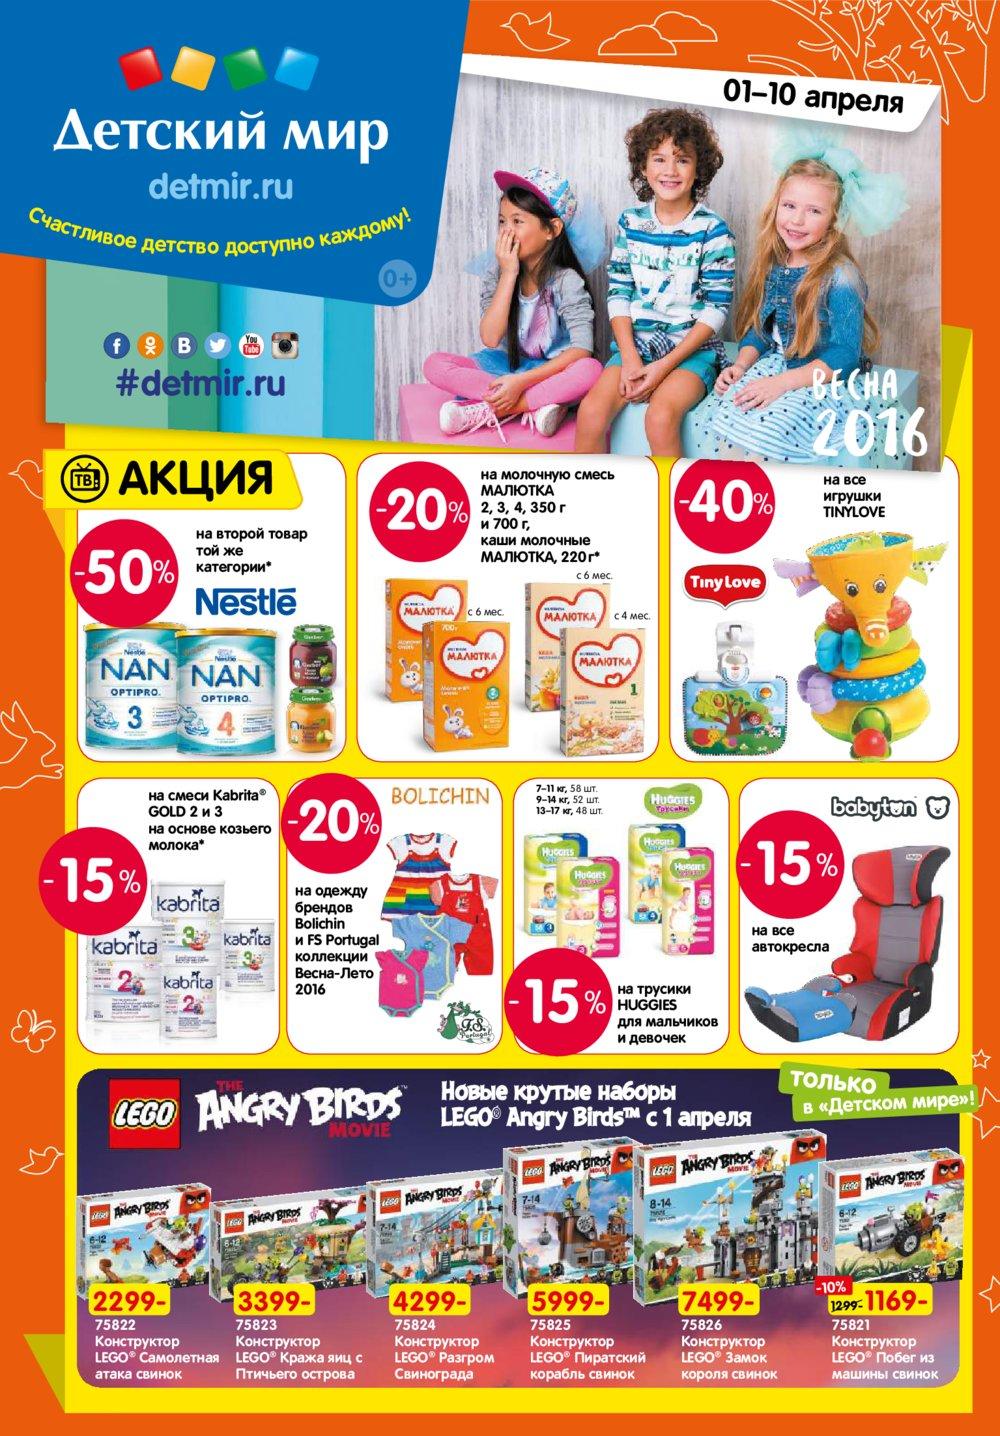 впитывает детский мир перми магазин игрушек каталог товаров термобелья оптом